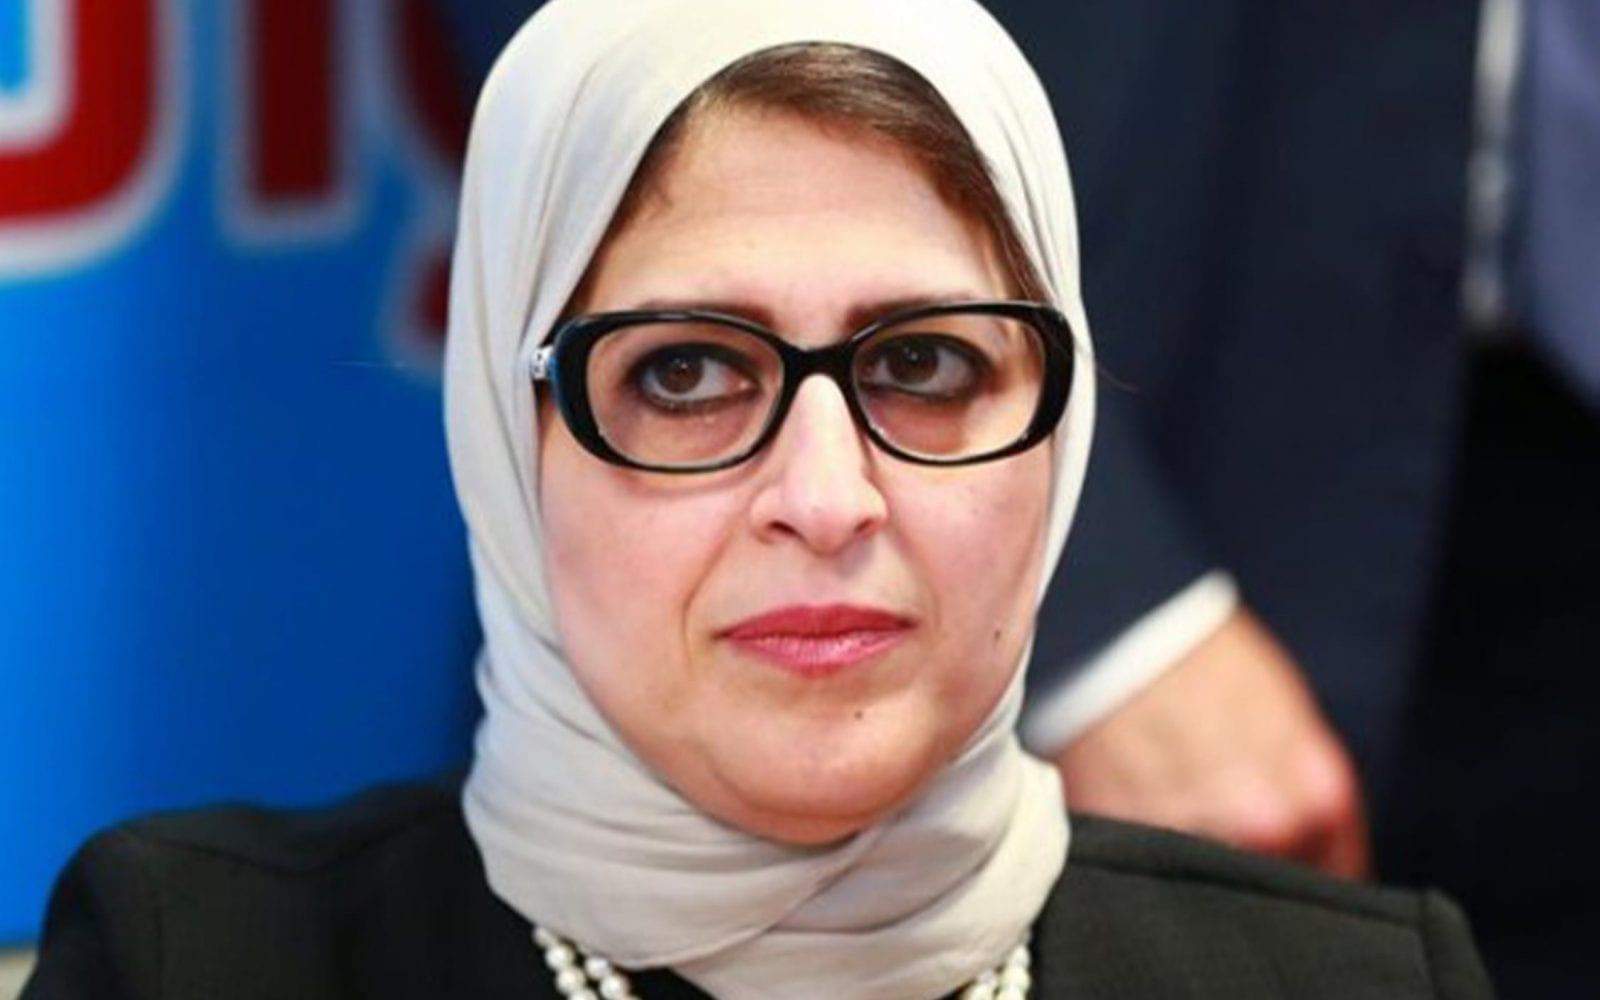 تصريح وزيرة الصحة المصرية بوجود 600 ألف متبرع بلازما.. زائف